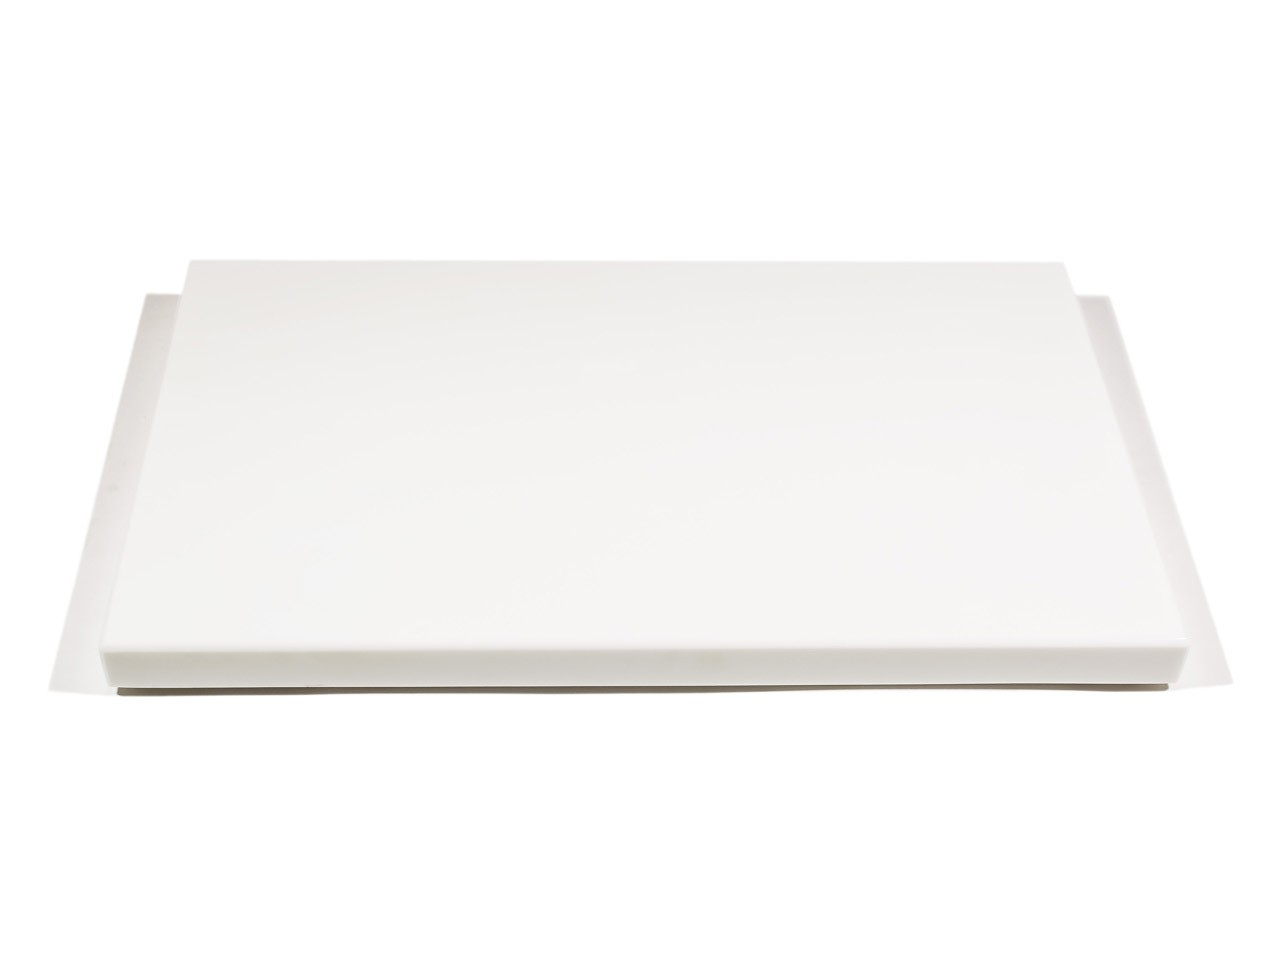 Duża Deska Do Kuchni W Czystobiałym Kolorze Szklana